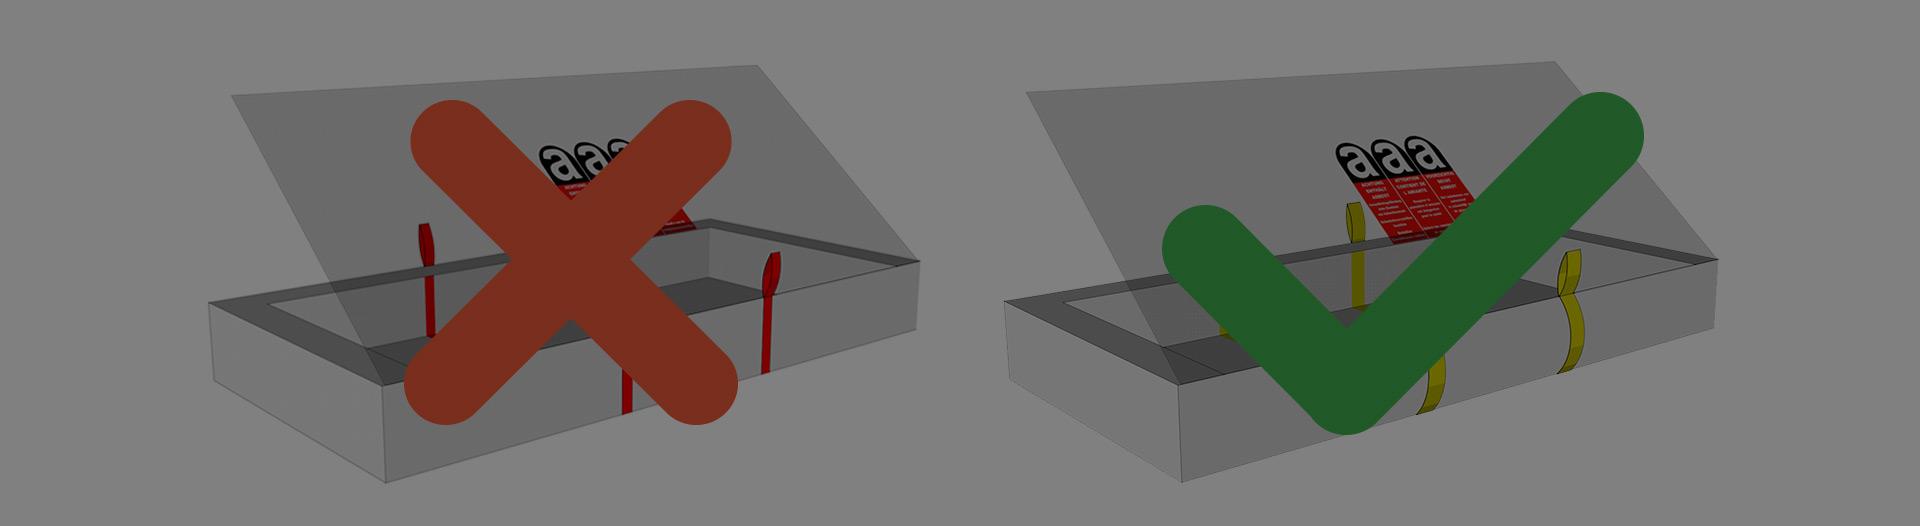 plattenbag beim heben gerissen wir haben die l sung entwickelt. Black Bedroom Furniture Sets. Home Design Ideas